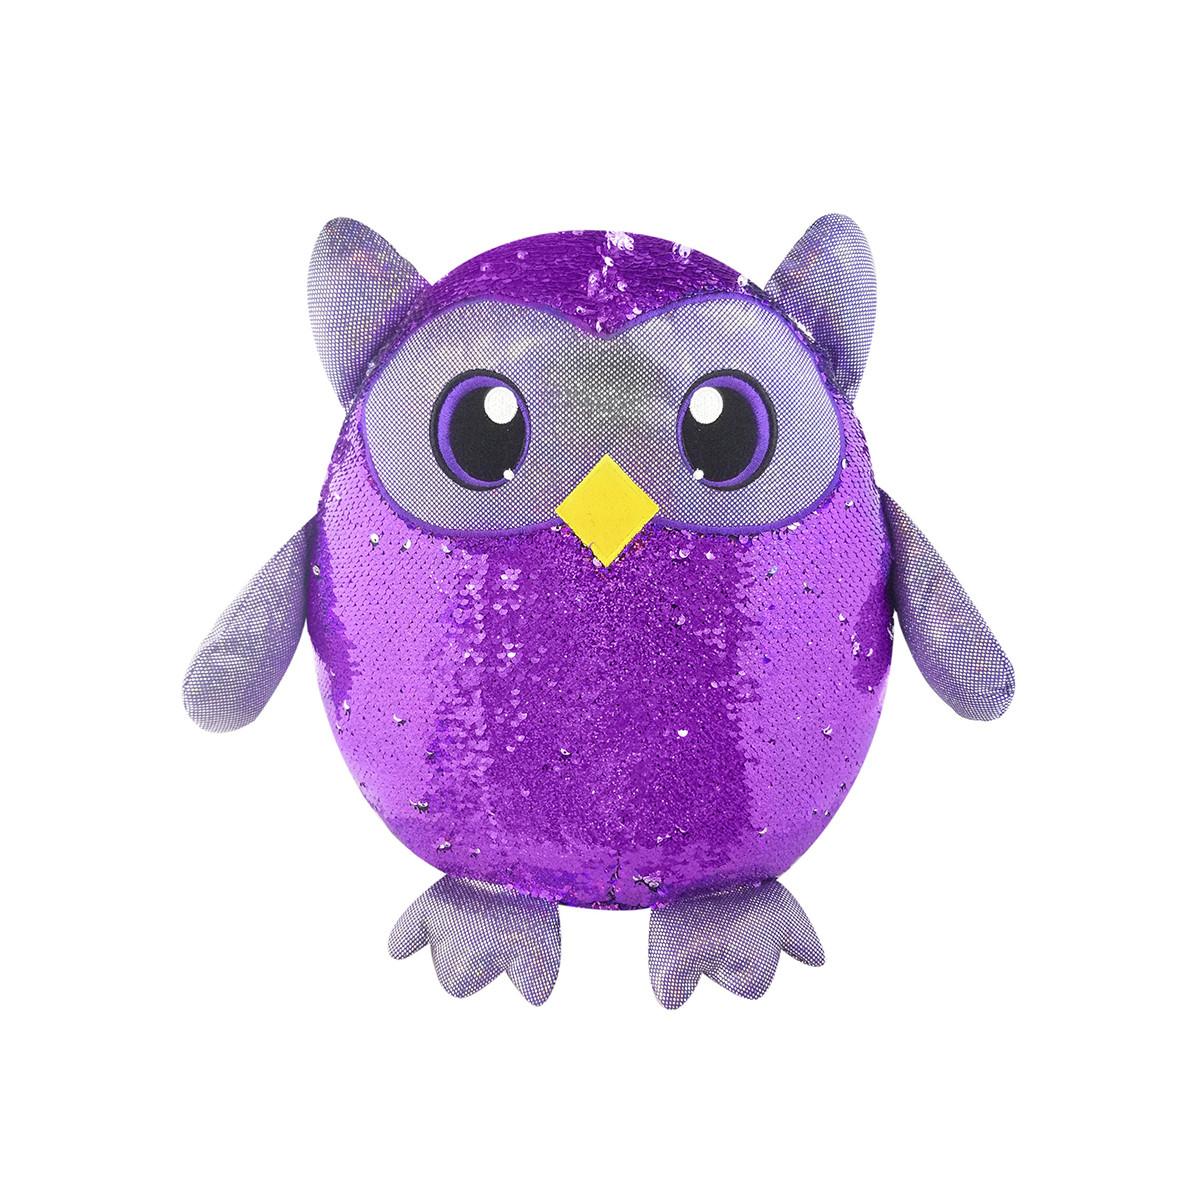 Мягкая игрушка с пайетками МУДРАЯ СОВА Shimmeez SMZ01022